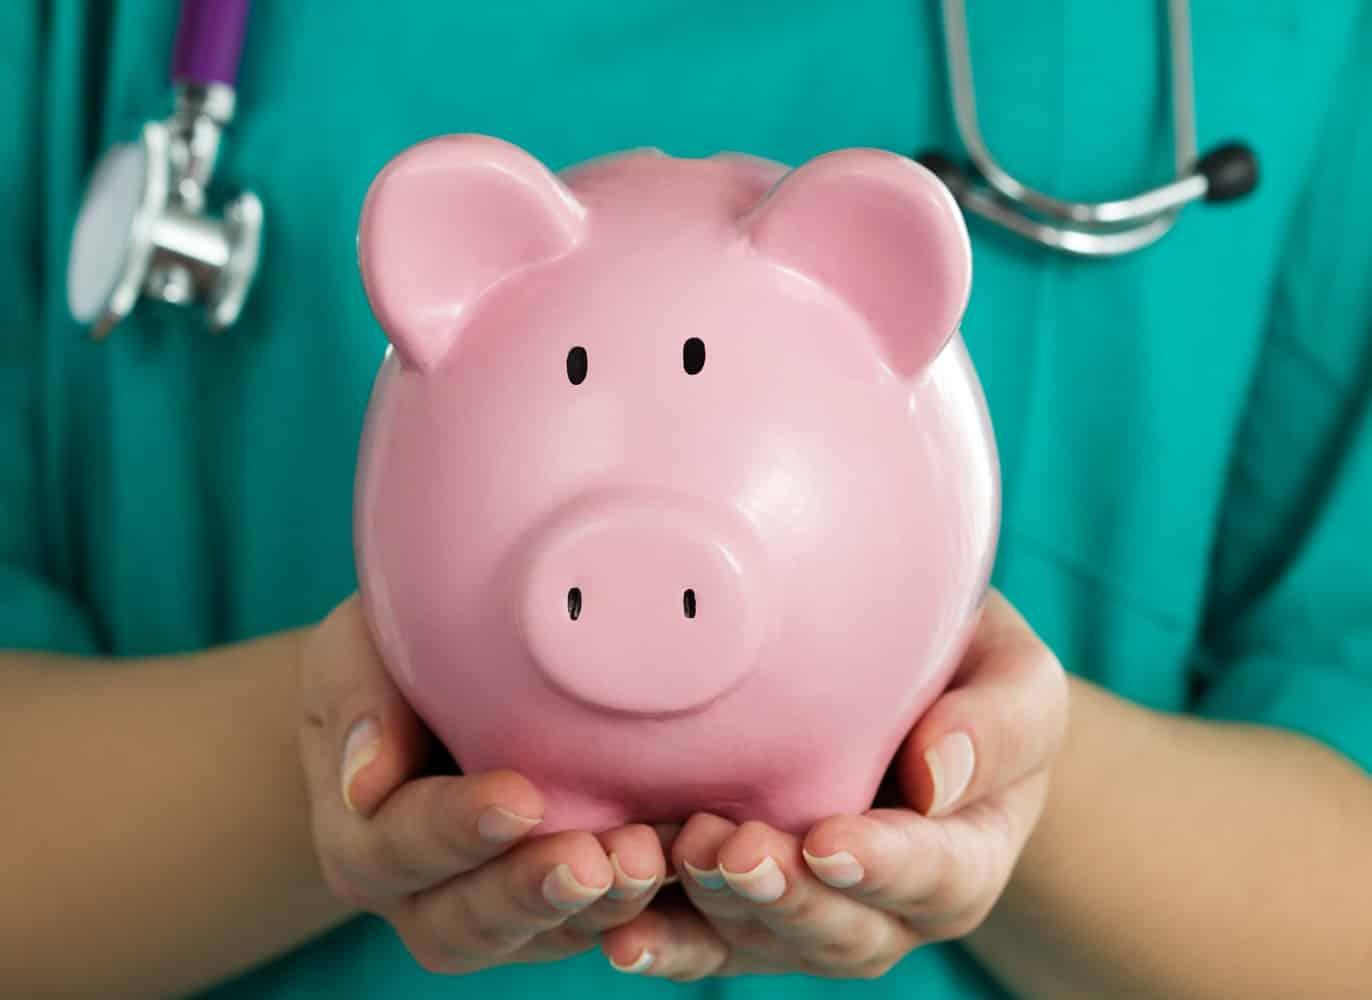 jusqu'à 1500€ de prime pour le personnel soignant